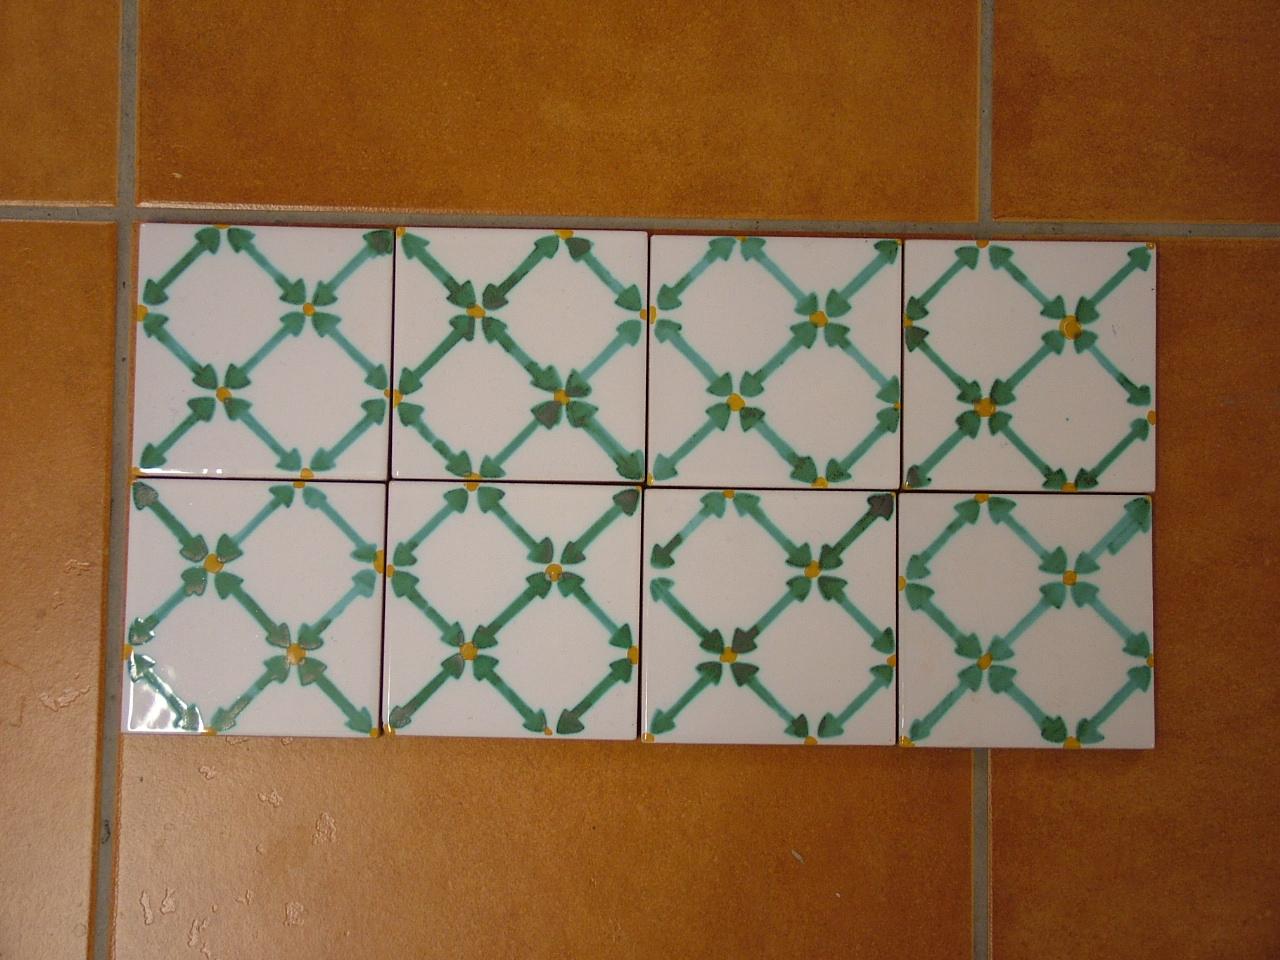 Scheda prodotto: piastrella 20x20 15x15 10x10 ceramiche torcivia srl